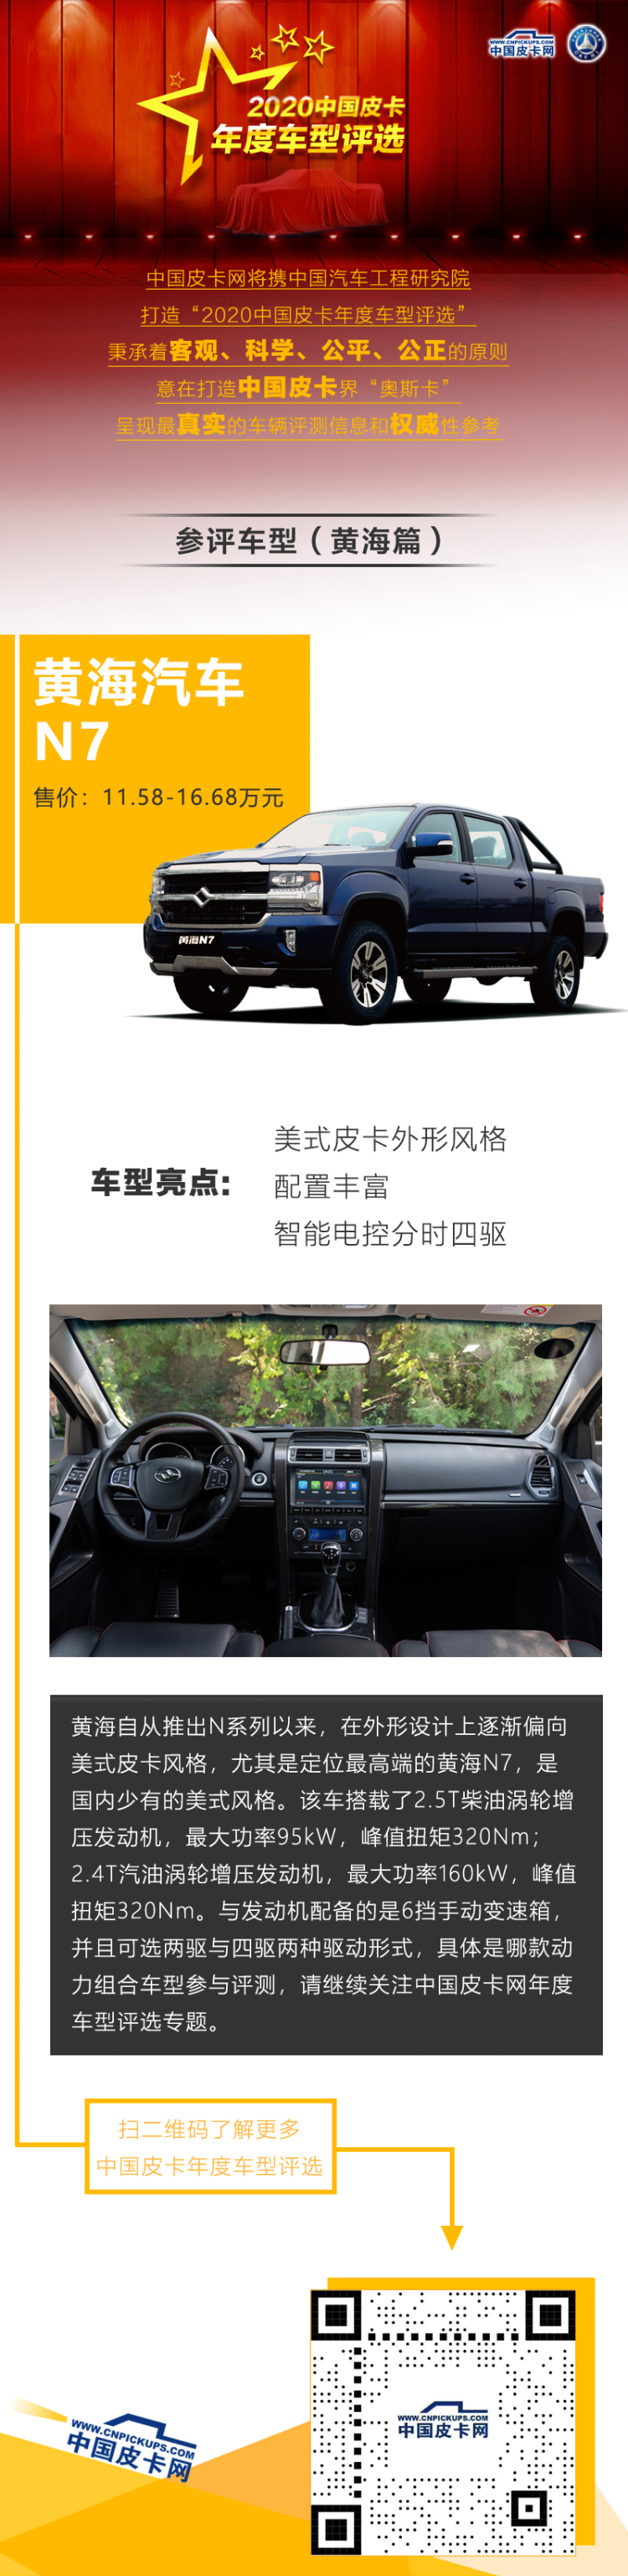 """黄海N7参评""""2020中国皮卡年度车型评选"""""""